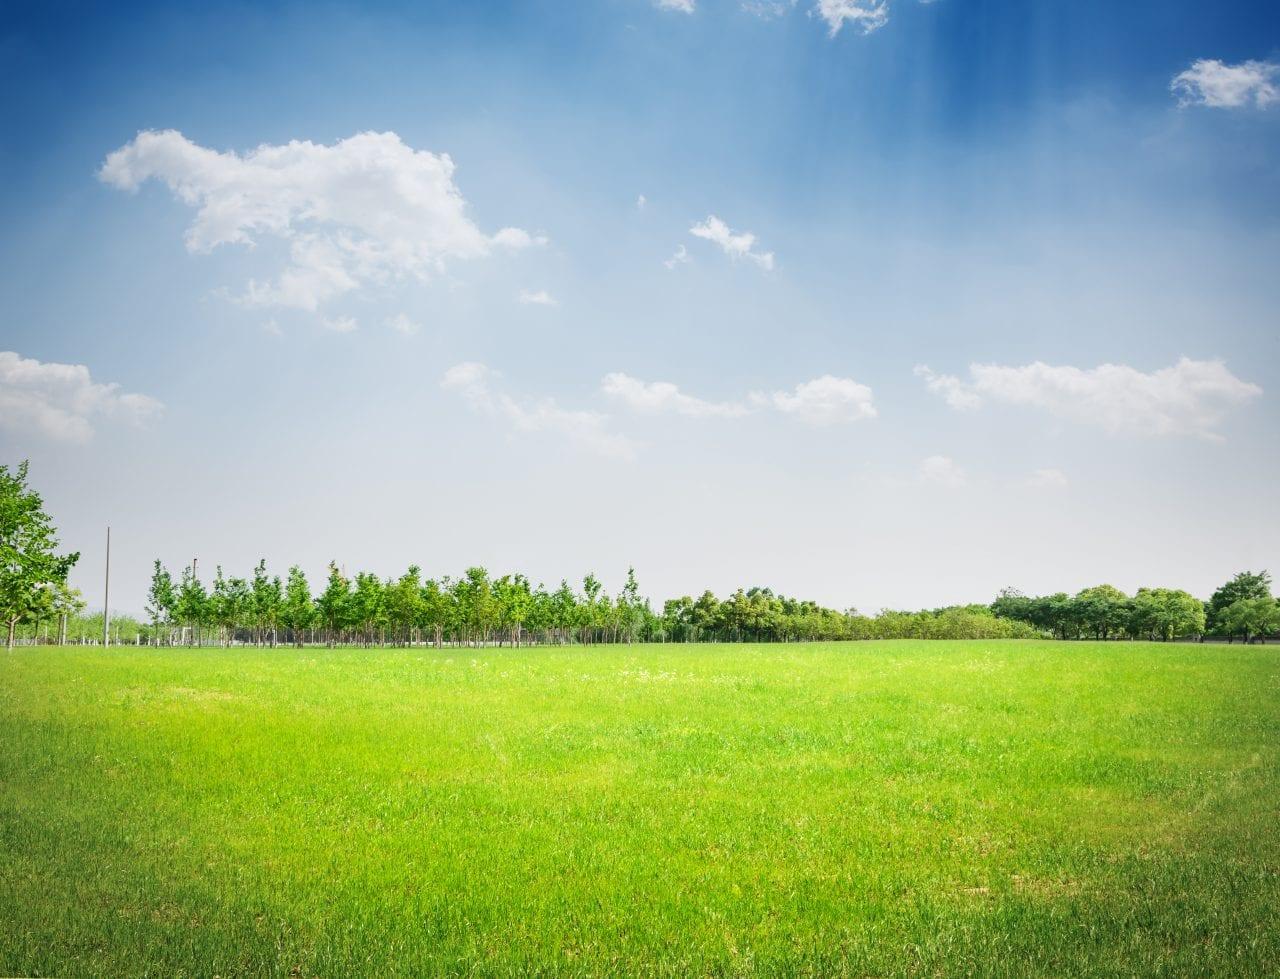 teren - Prețurile terenurilor, ușoară creștere în 2018; tranzacții dublate la 140 hectare